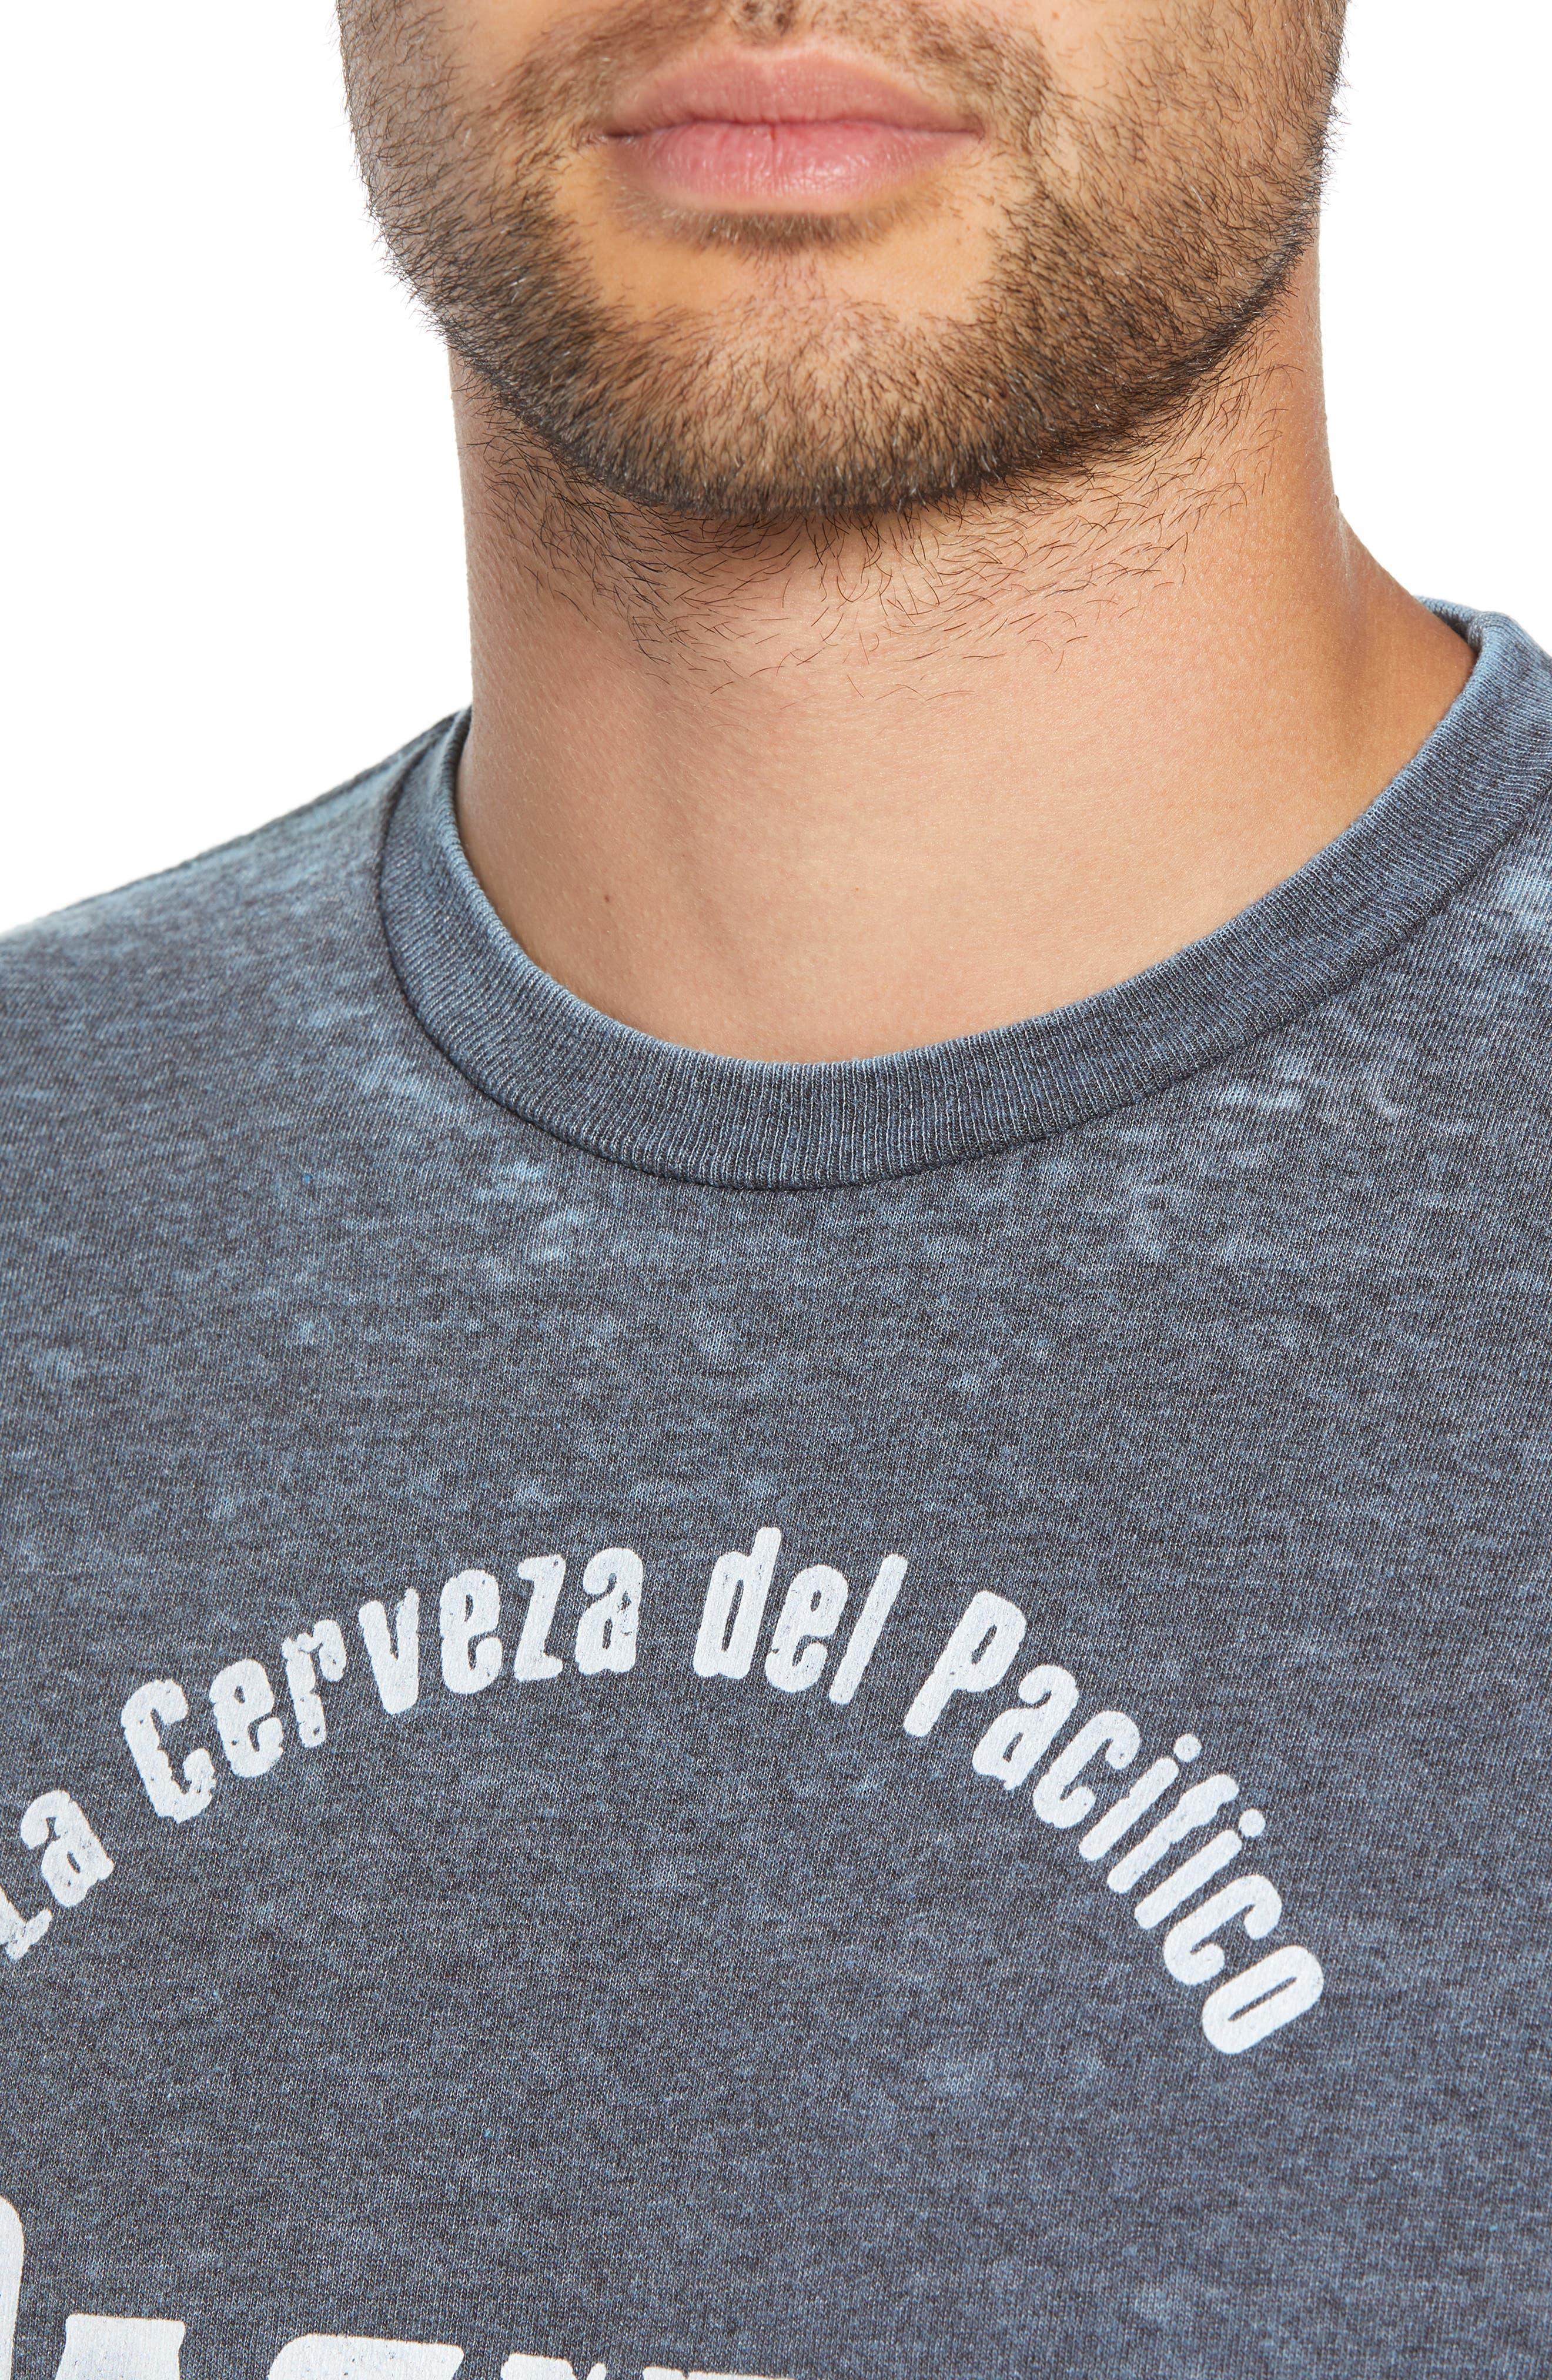 Pacifico Burnout T-Shirt,                             Alternate thumbnail 4, color,                             420